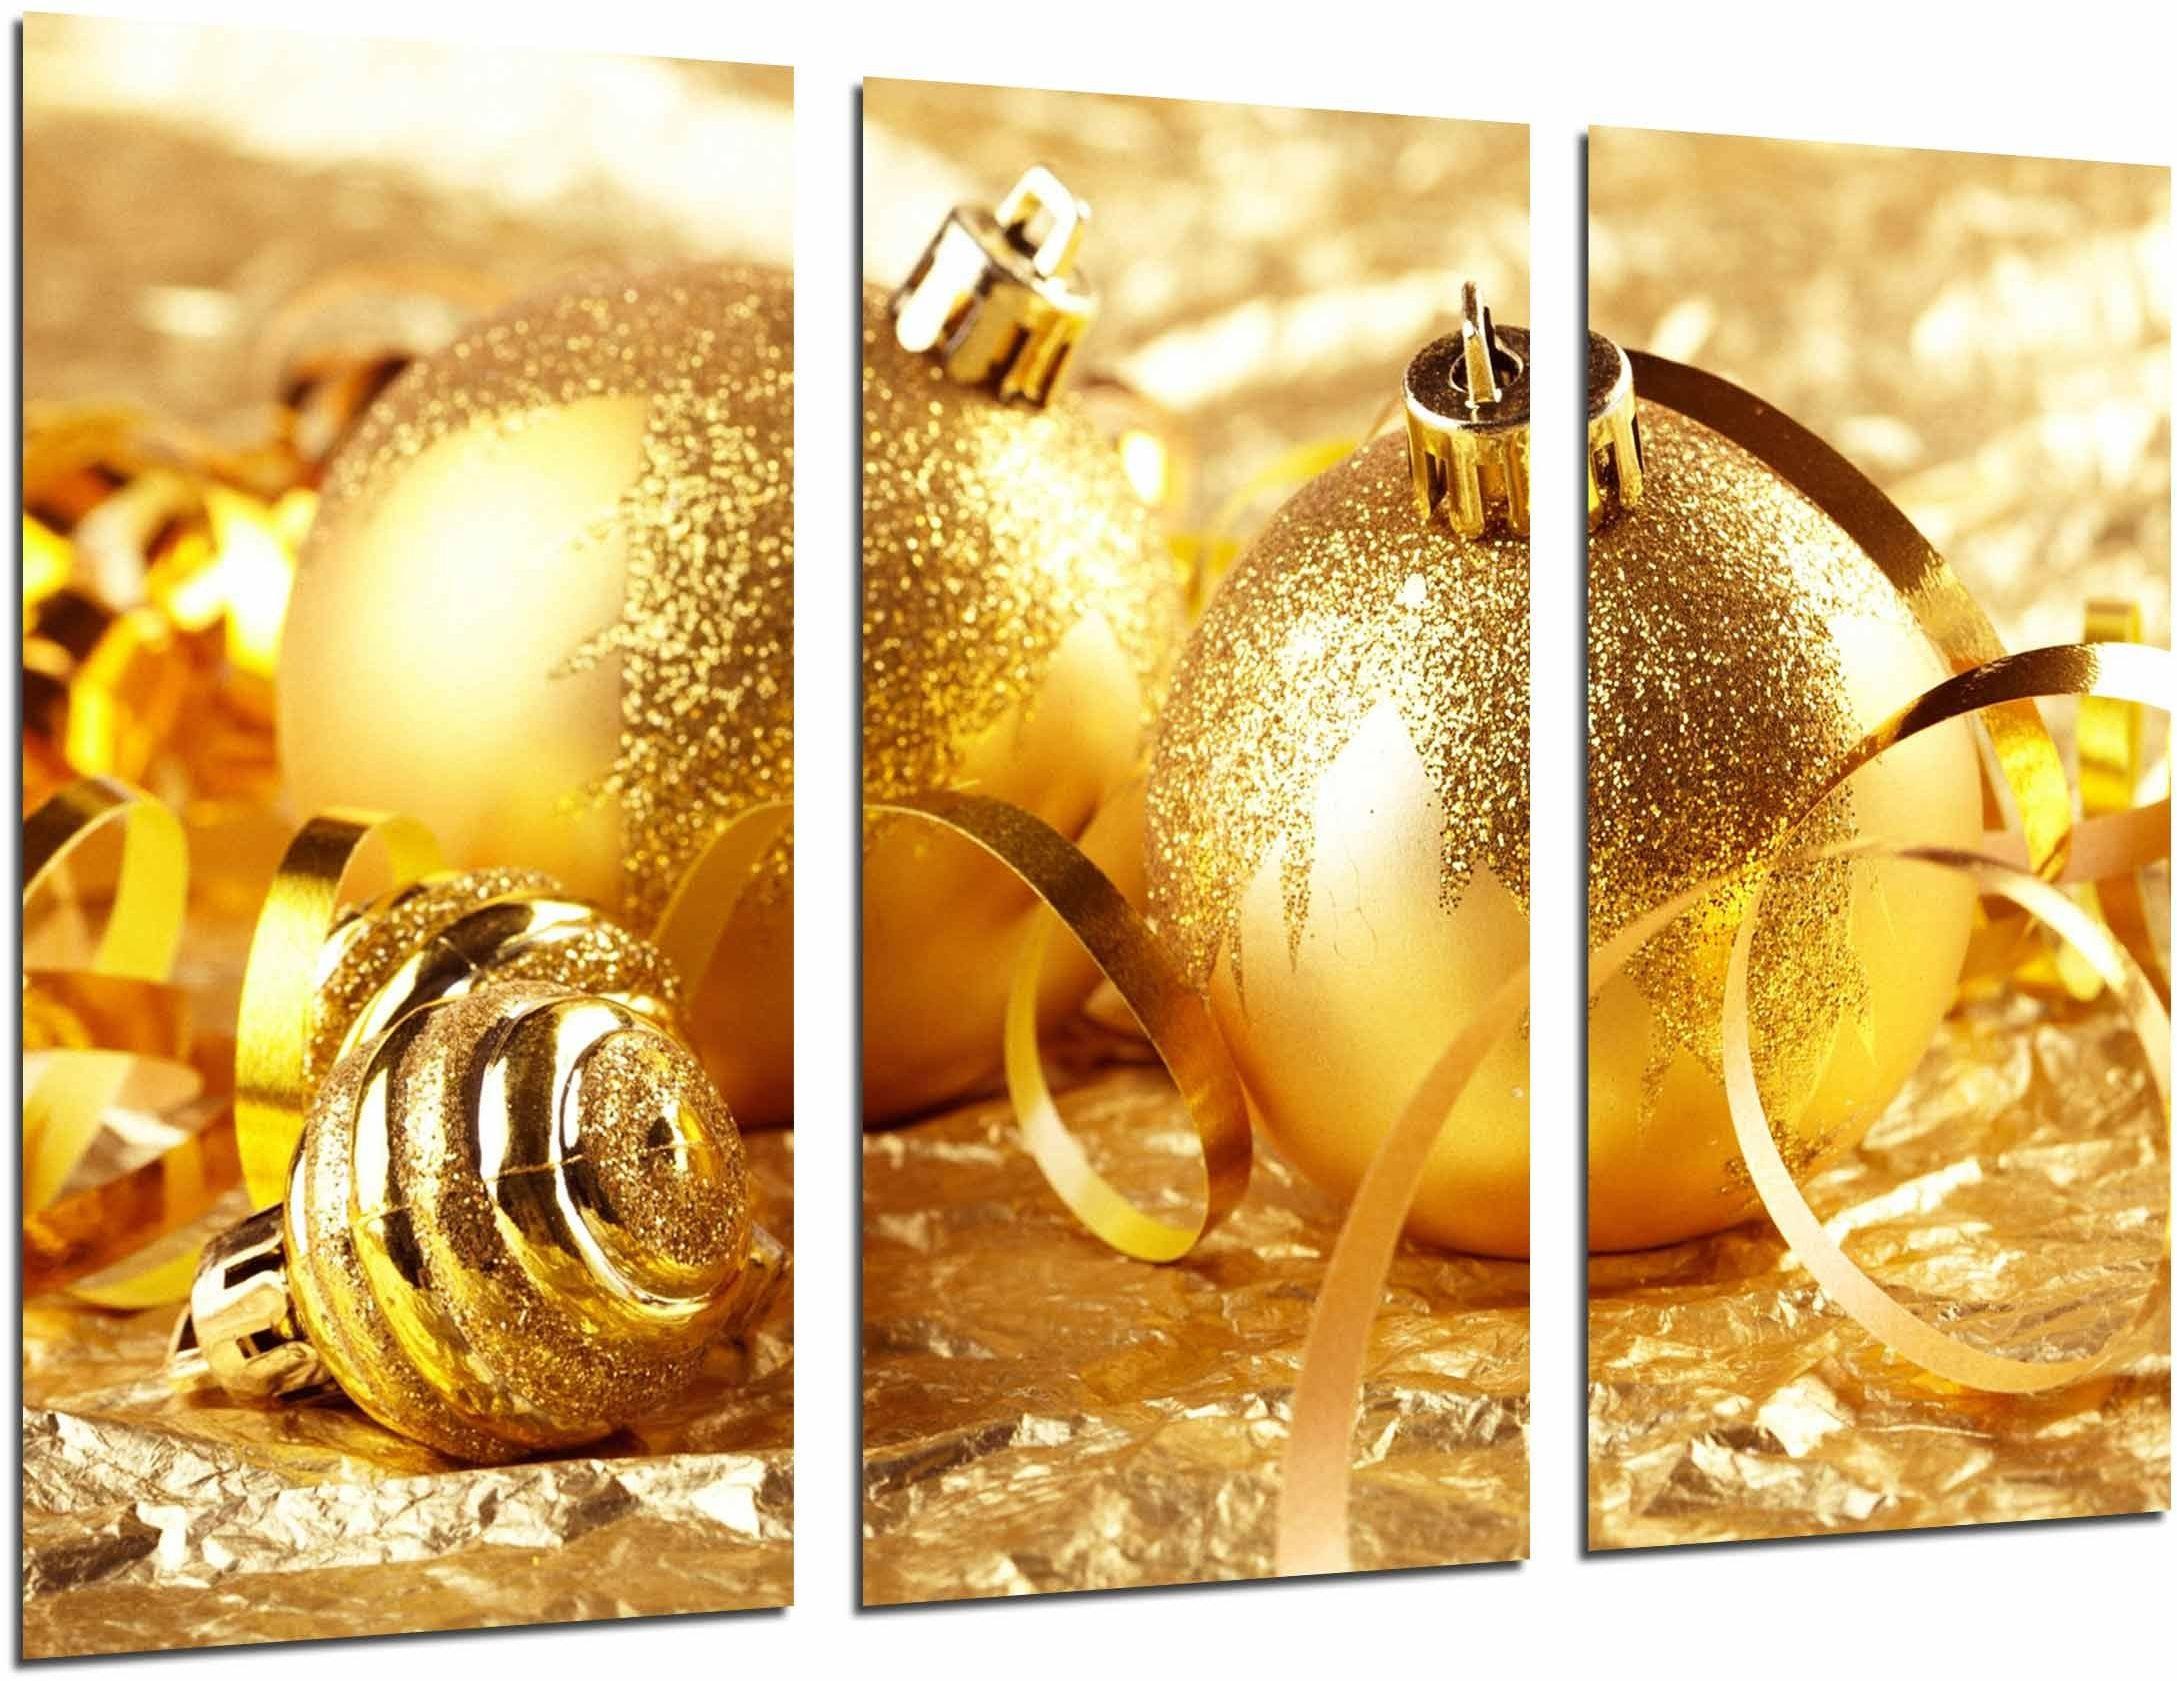 Obraz ścienny - złota dekoracja bożonarodzeniowa, bombki choinkowe, 97 x 62 cm, druk drewniany - format XXL - druk artystyczny, ref.26883